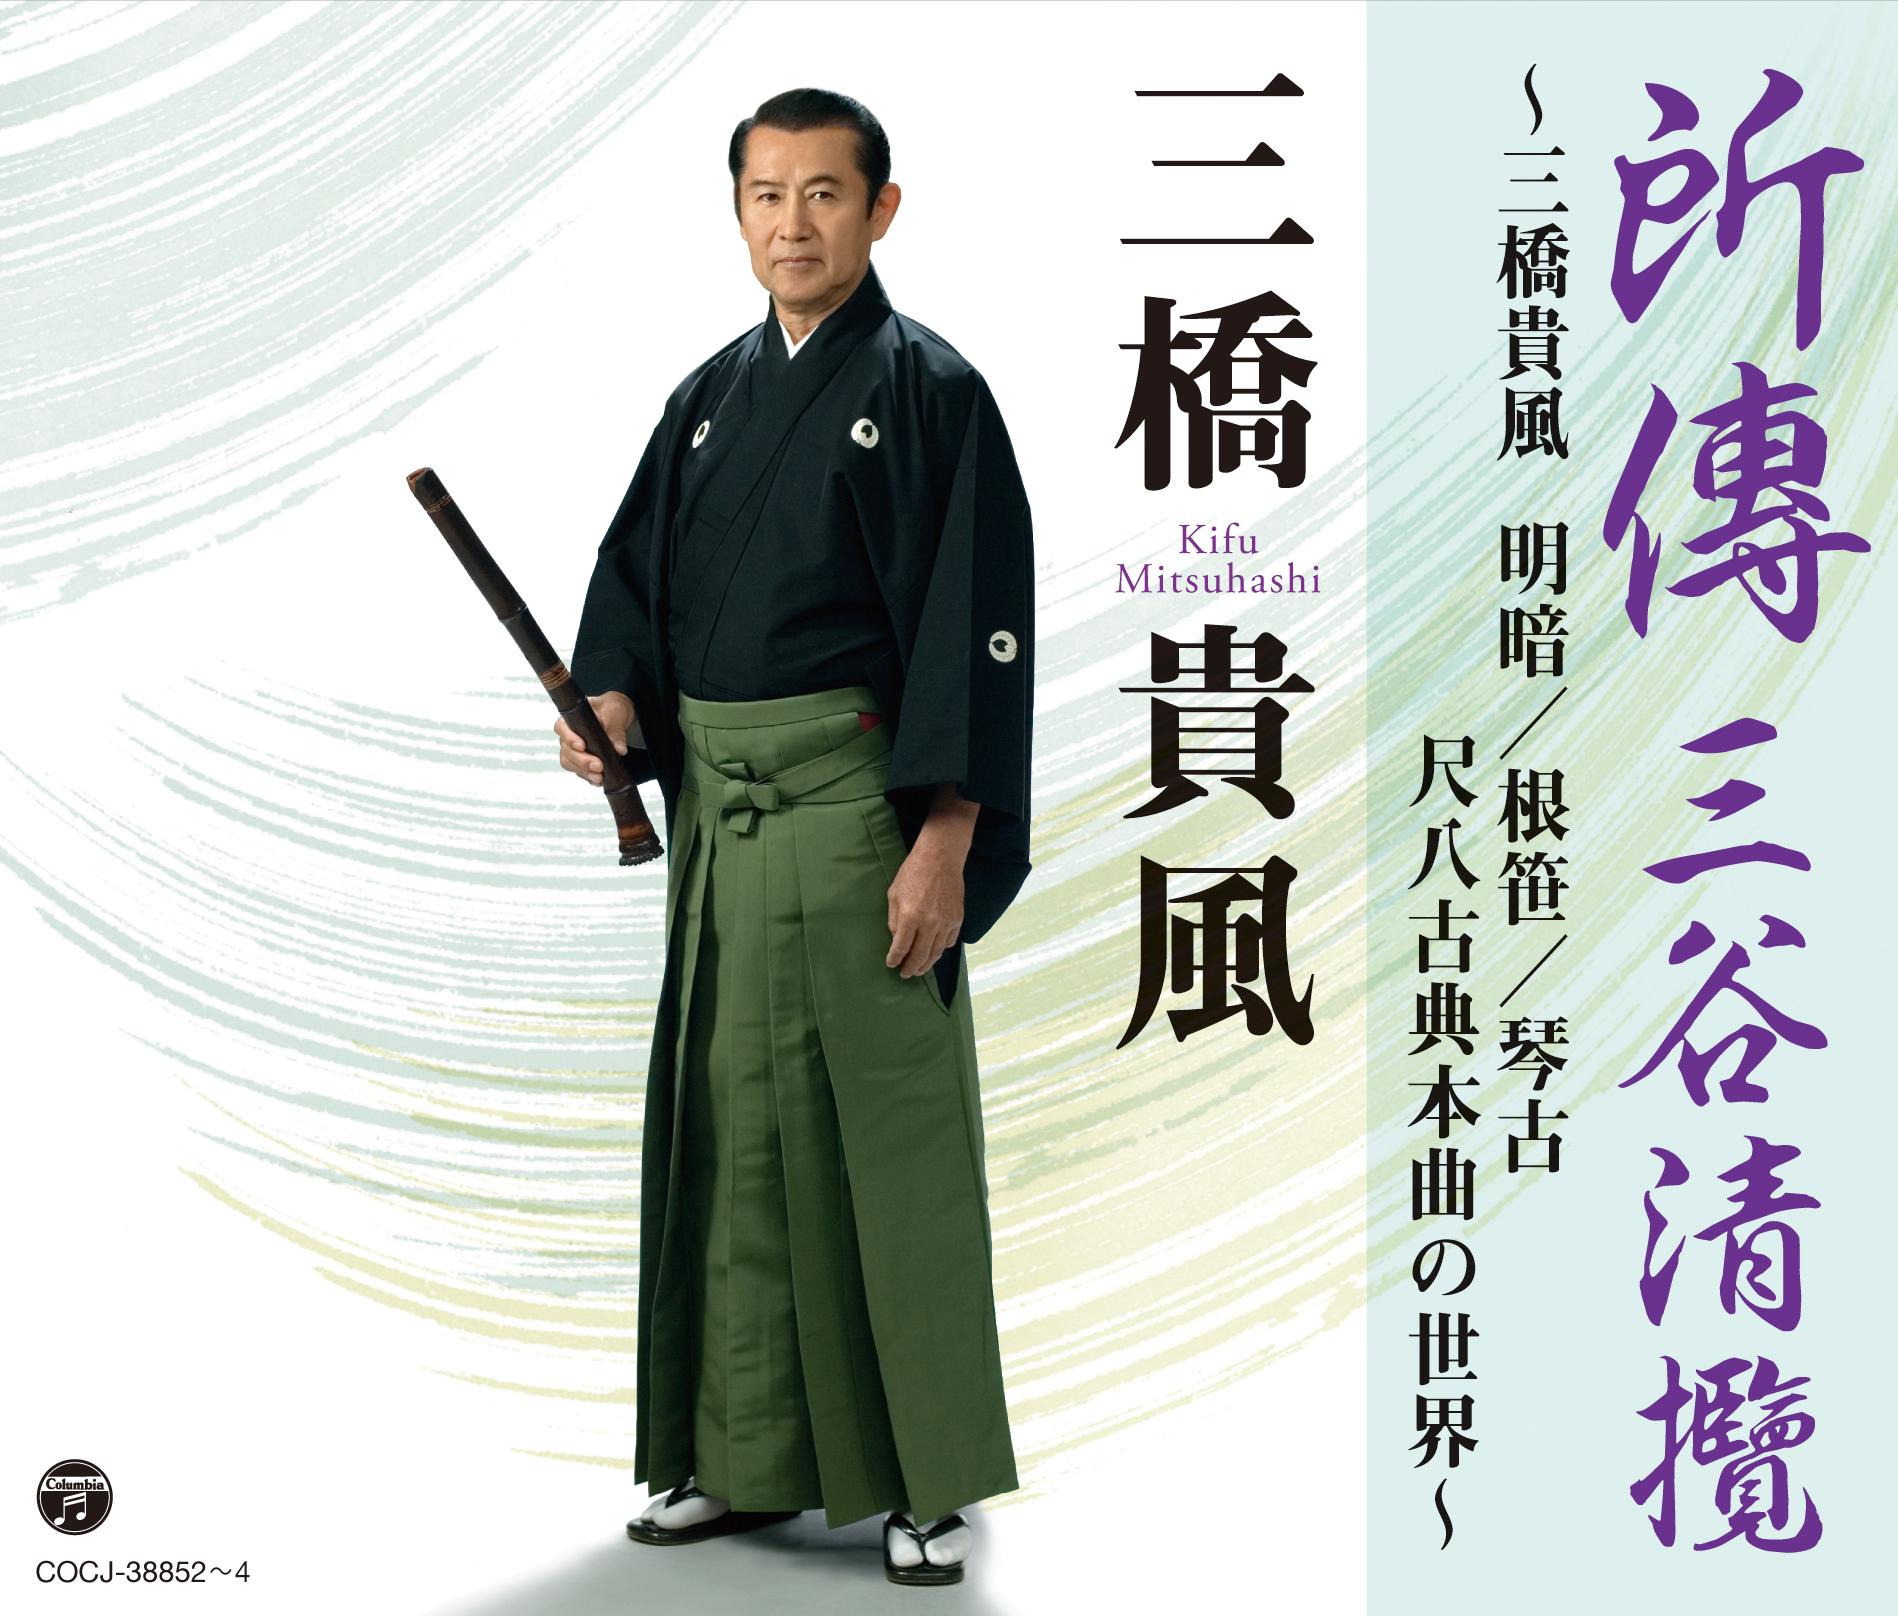 所傳 三谷清攬/三橋貴風[1547]